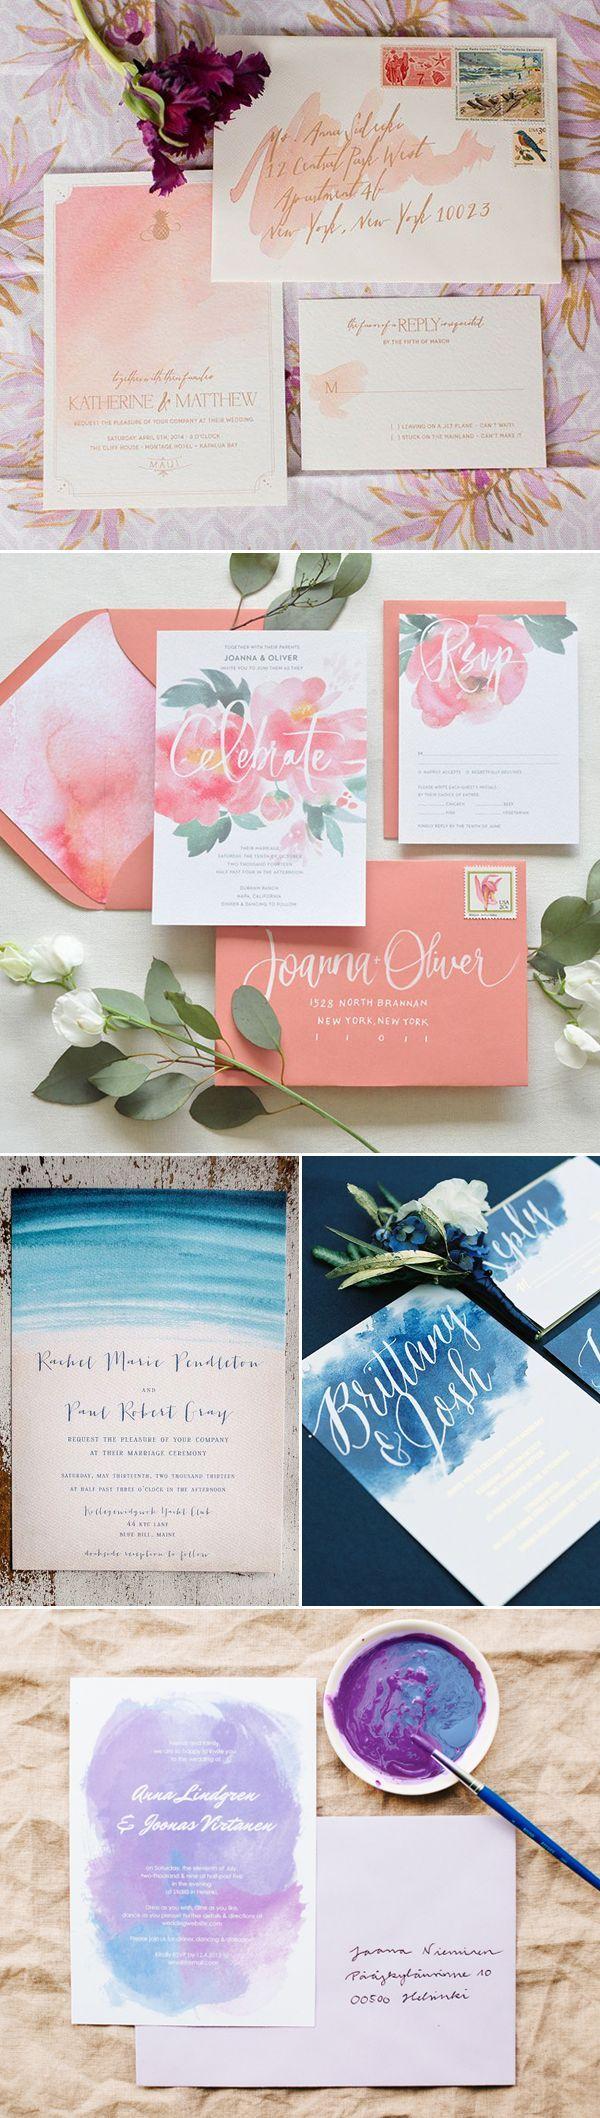 Simple is Beautiful! 30 Creative Invitation Ideas for Minimalist ...